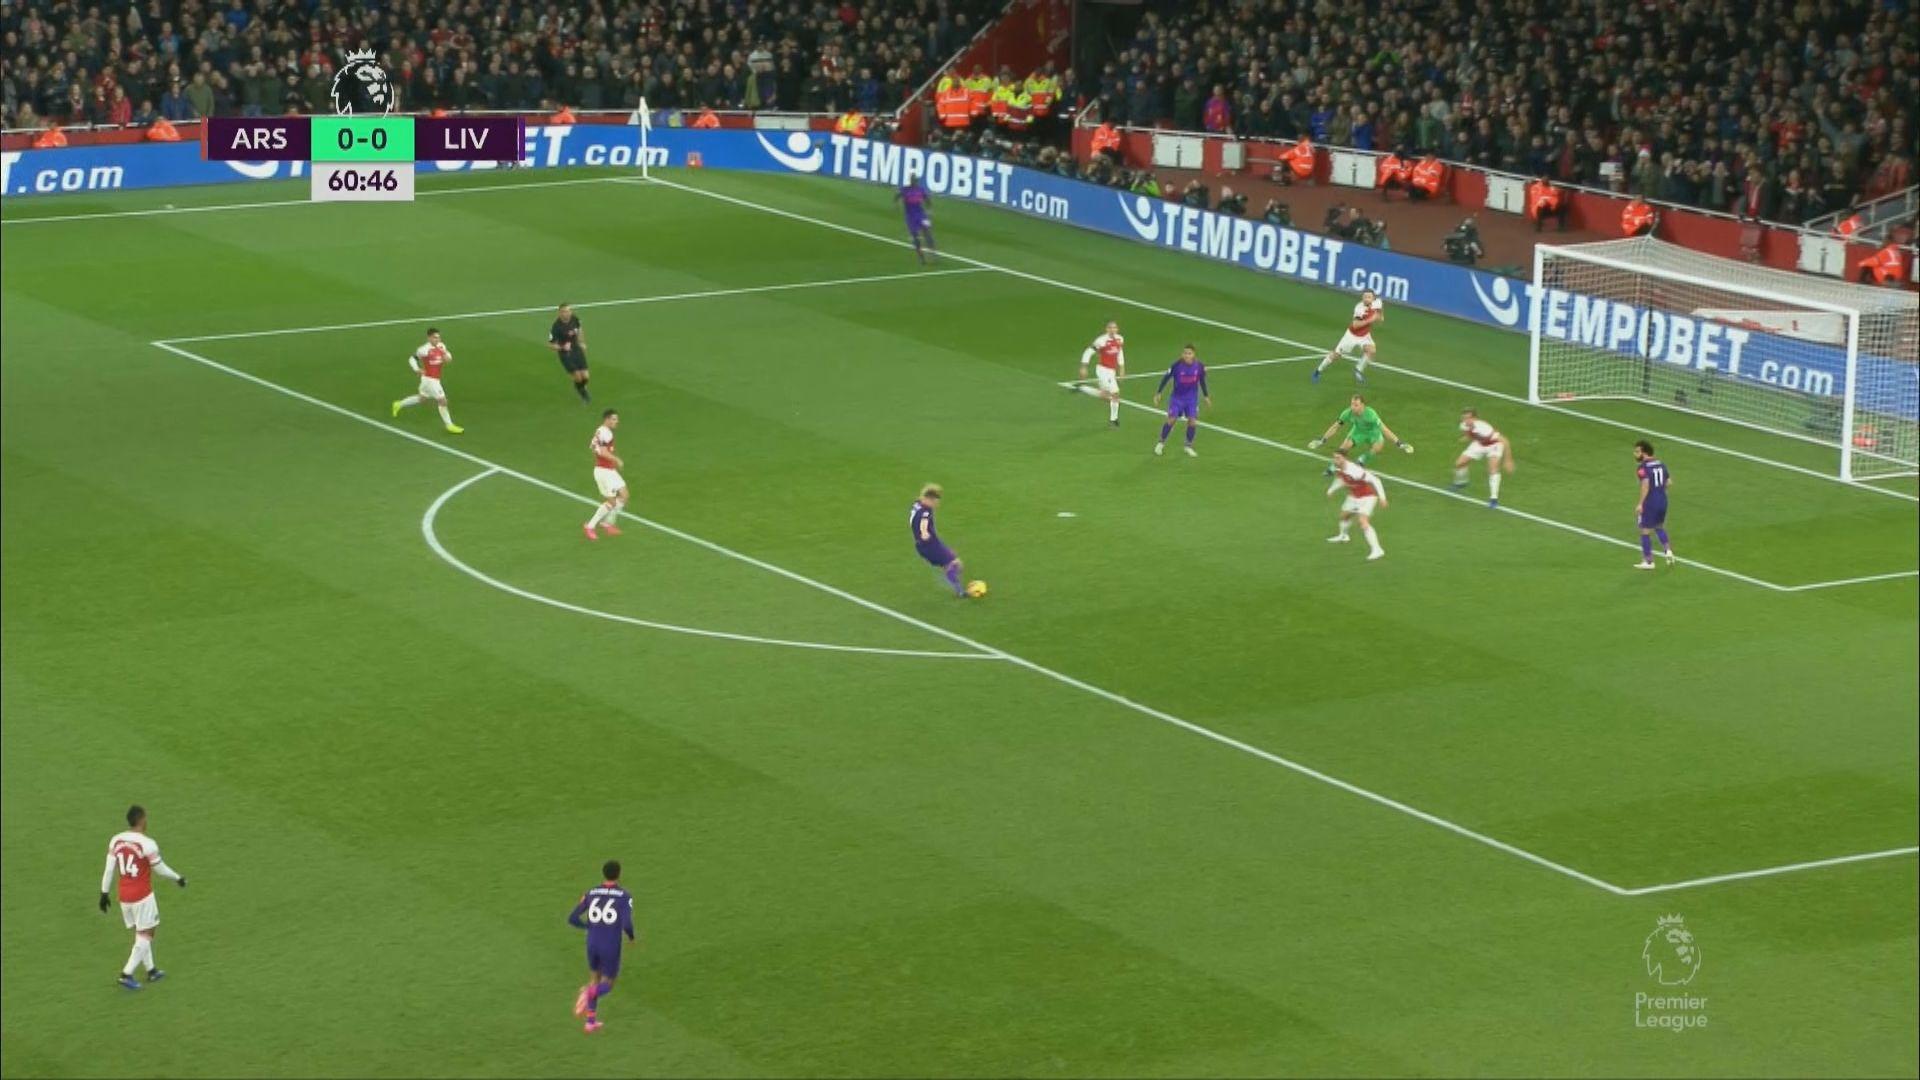 英超 阿仙奴 1:1 利物浦